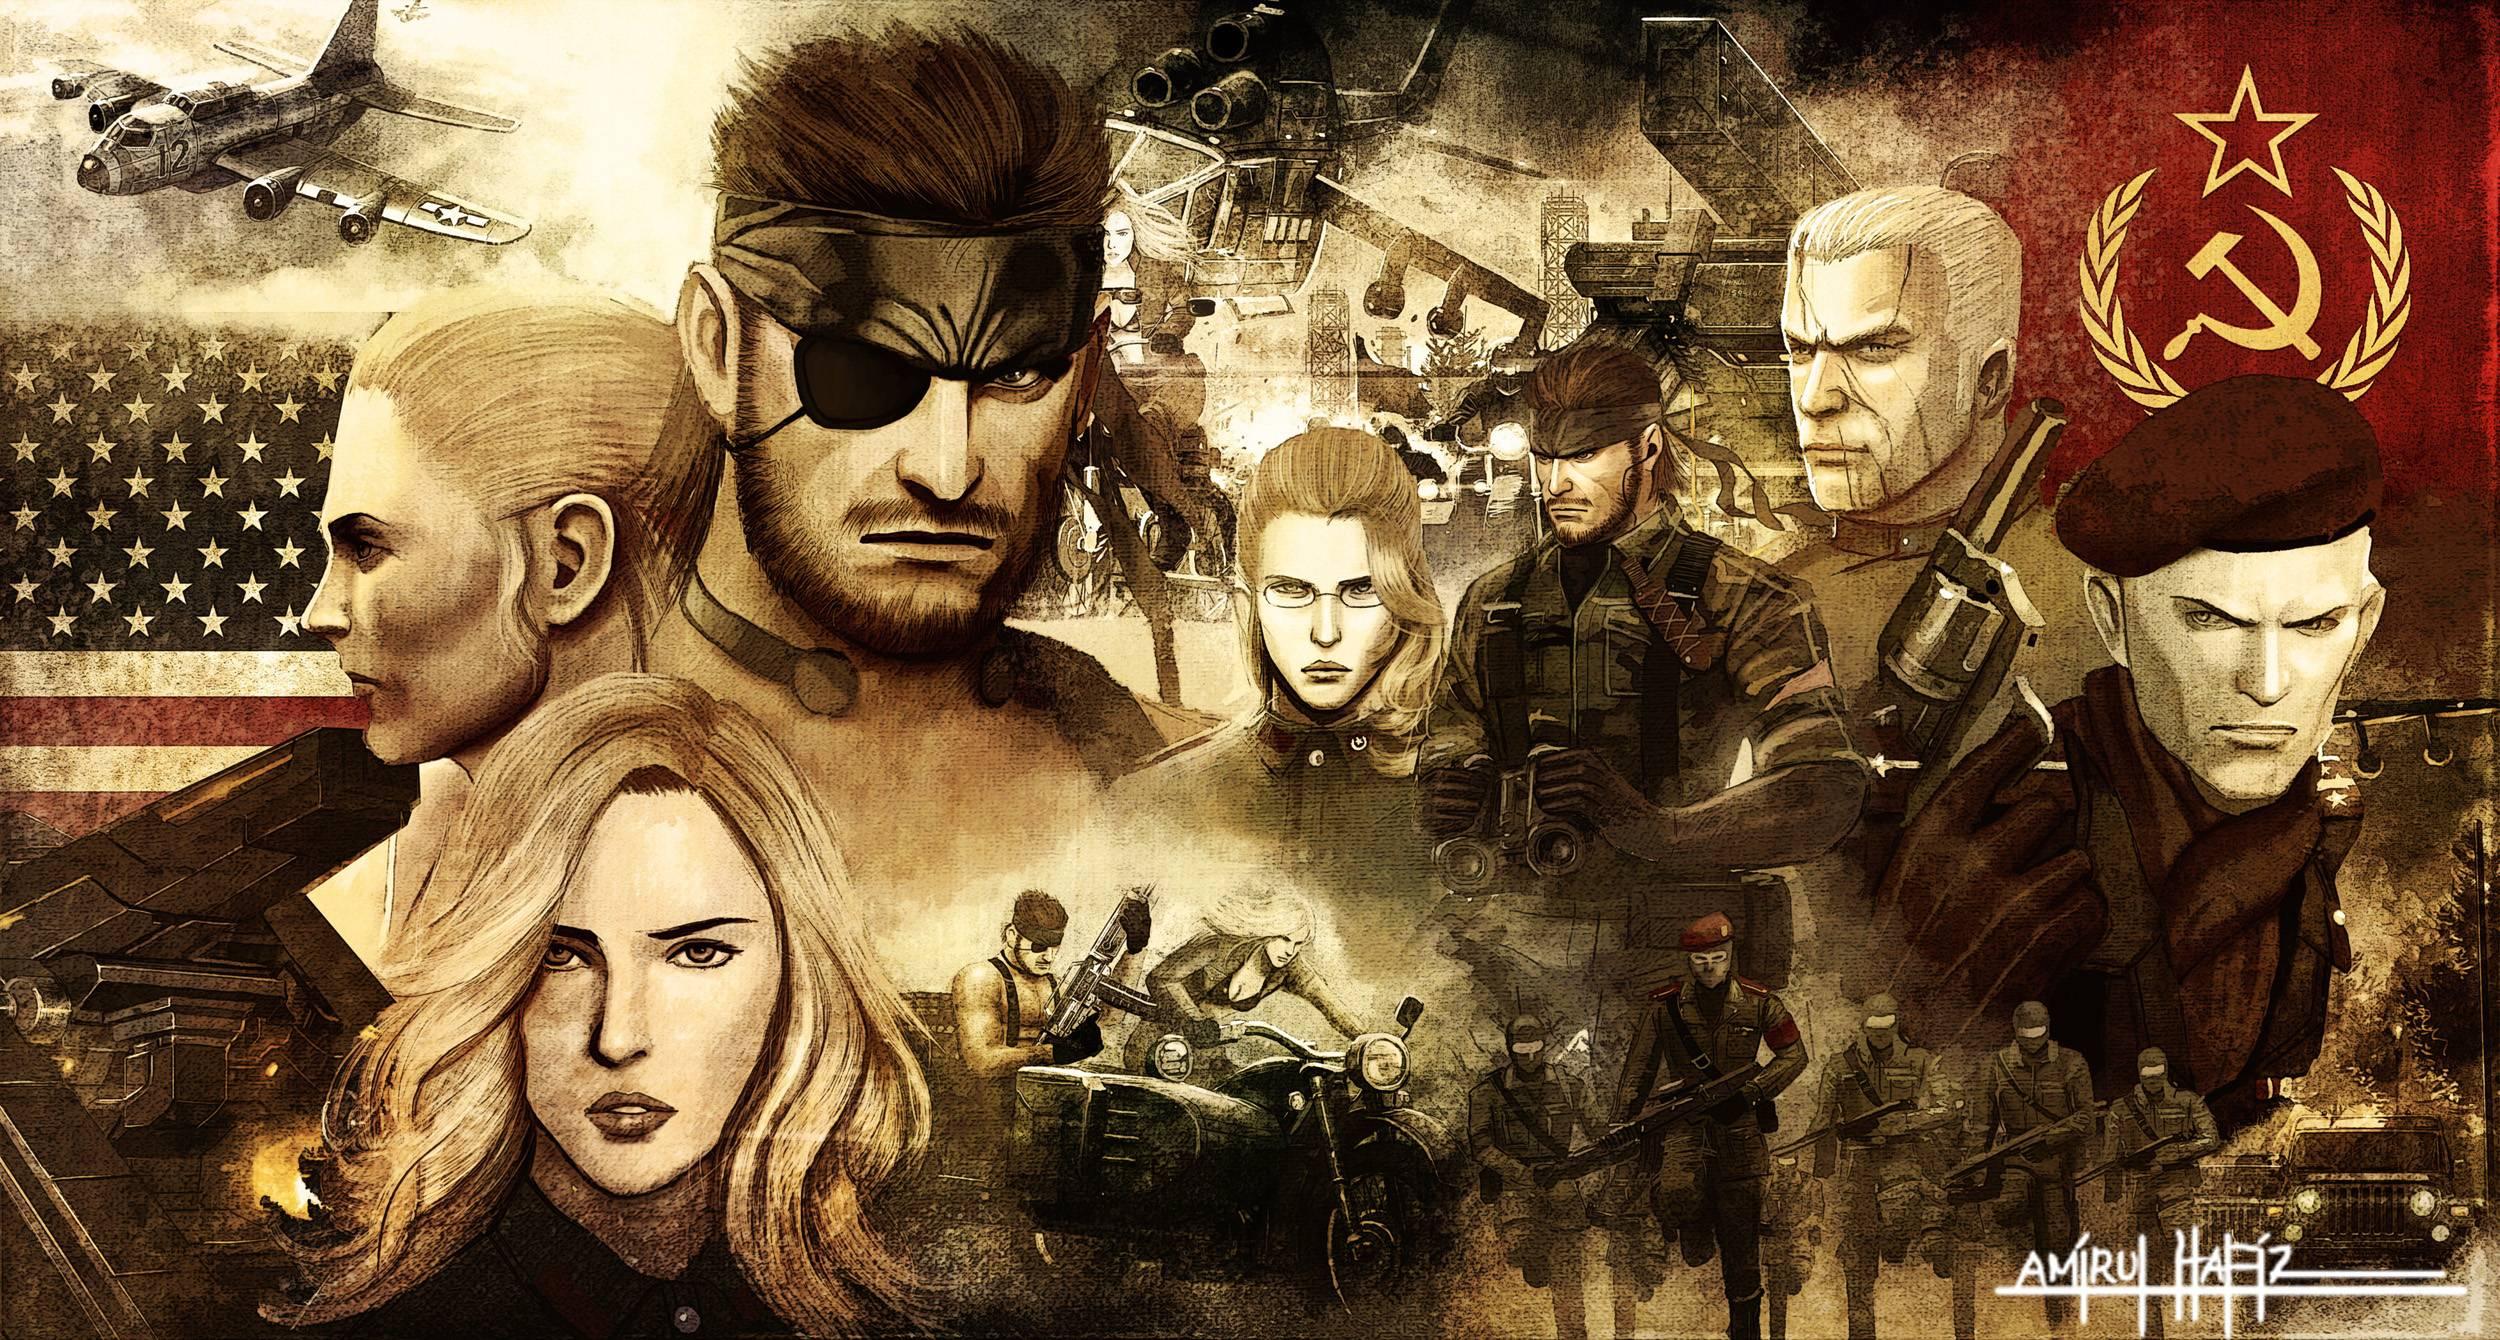 Metal Gear Solid Desktop Wallpapers 24 Wallpapers Adorable